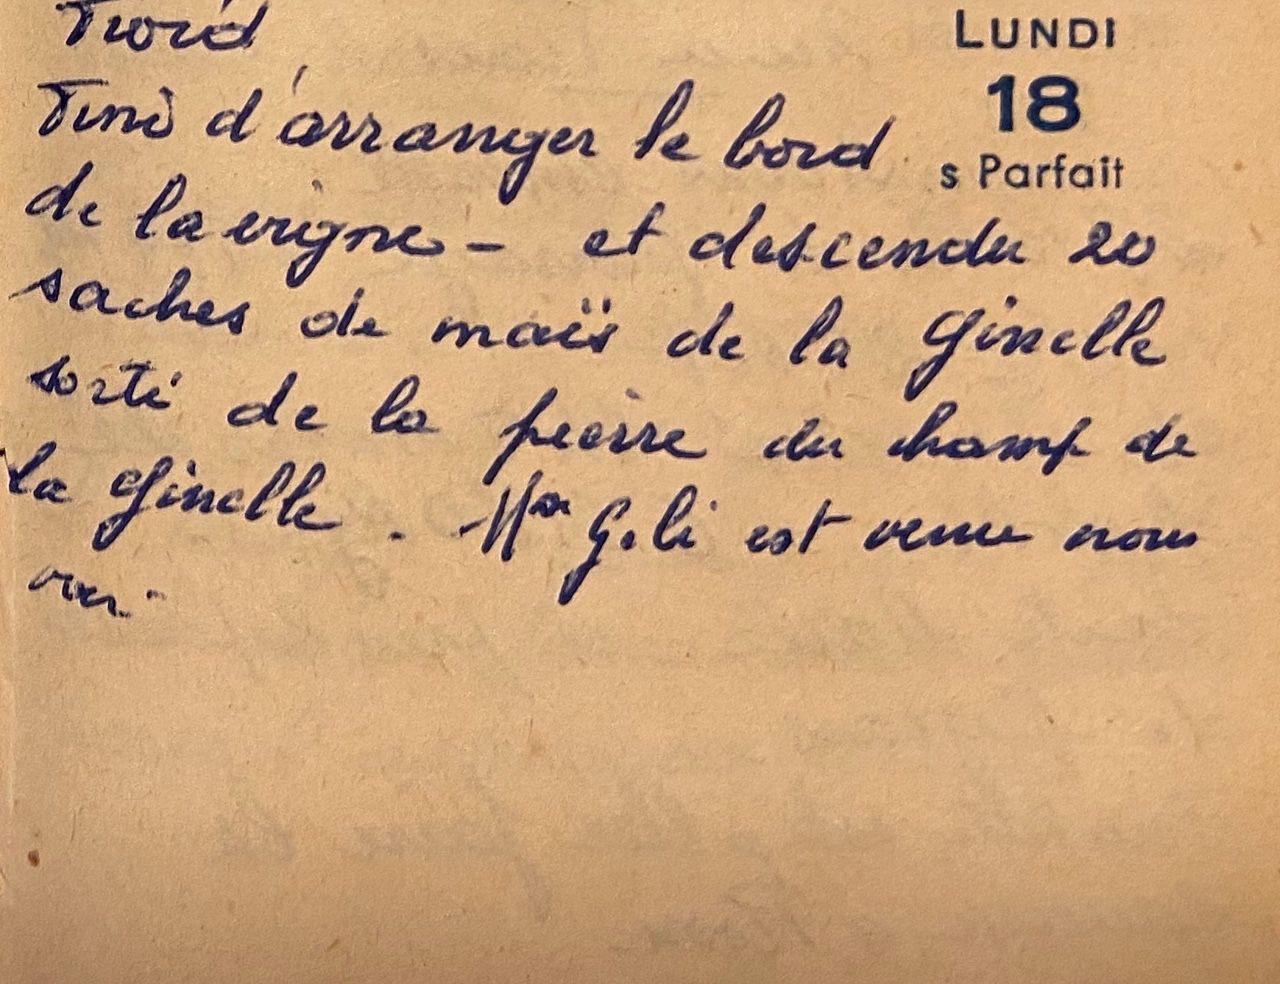 Lundi 18 avril 1960 - les saches de maïs